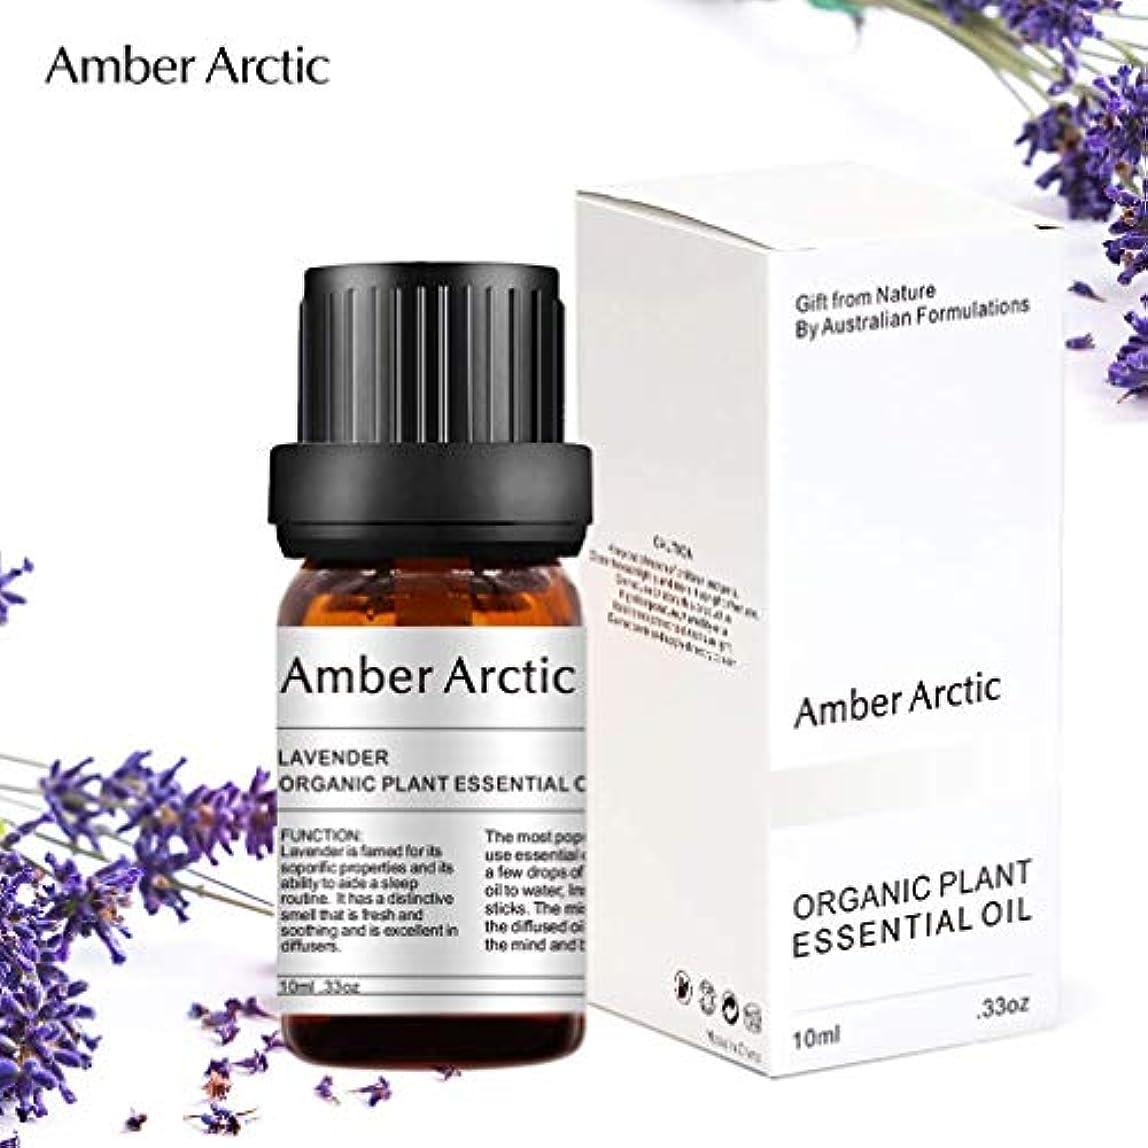 愚か男らしさ釈義Amber Arctic ラベンダー エッセンシャル オイル - 100% 純粋 最良 治療 グレード エッセンシャル オイル、 ディフューザー 用 天然 アロマ オイル (10ミリリットル)